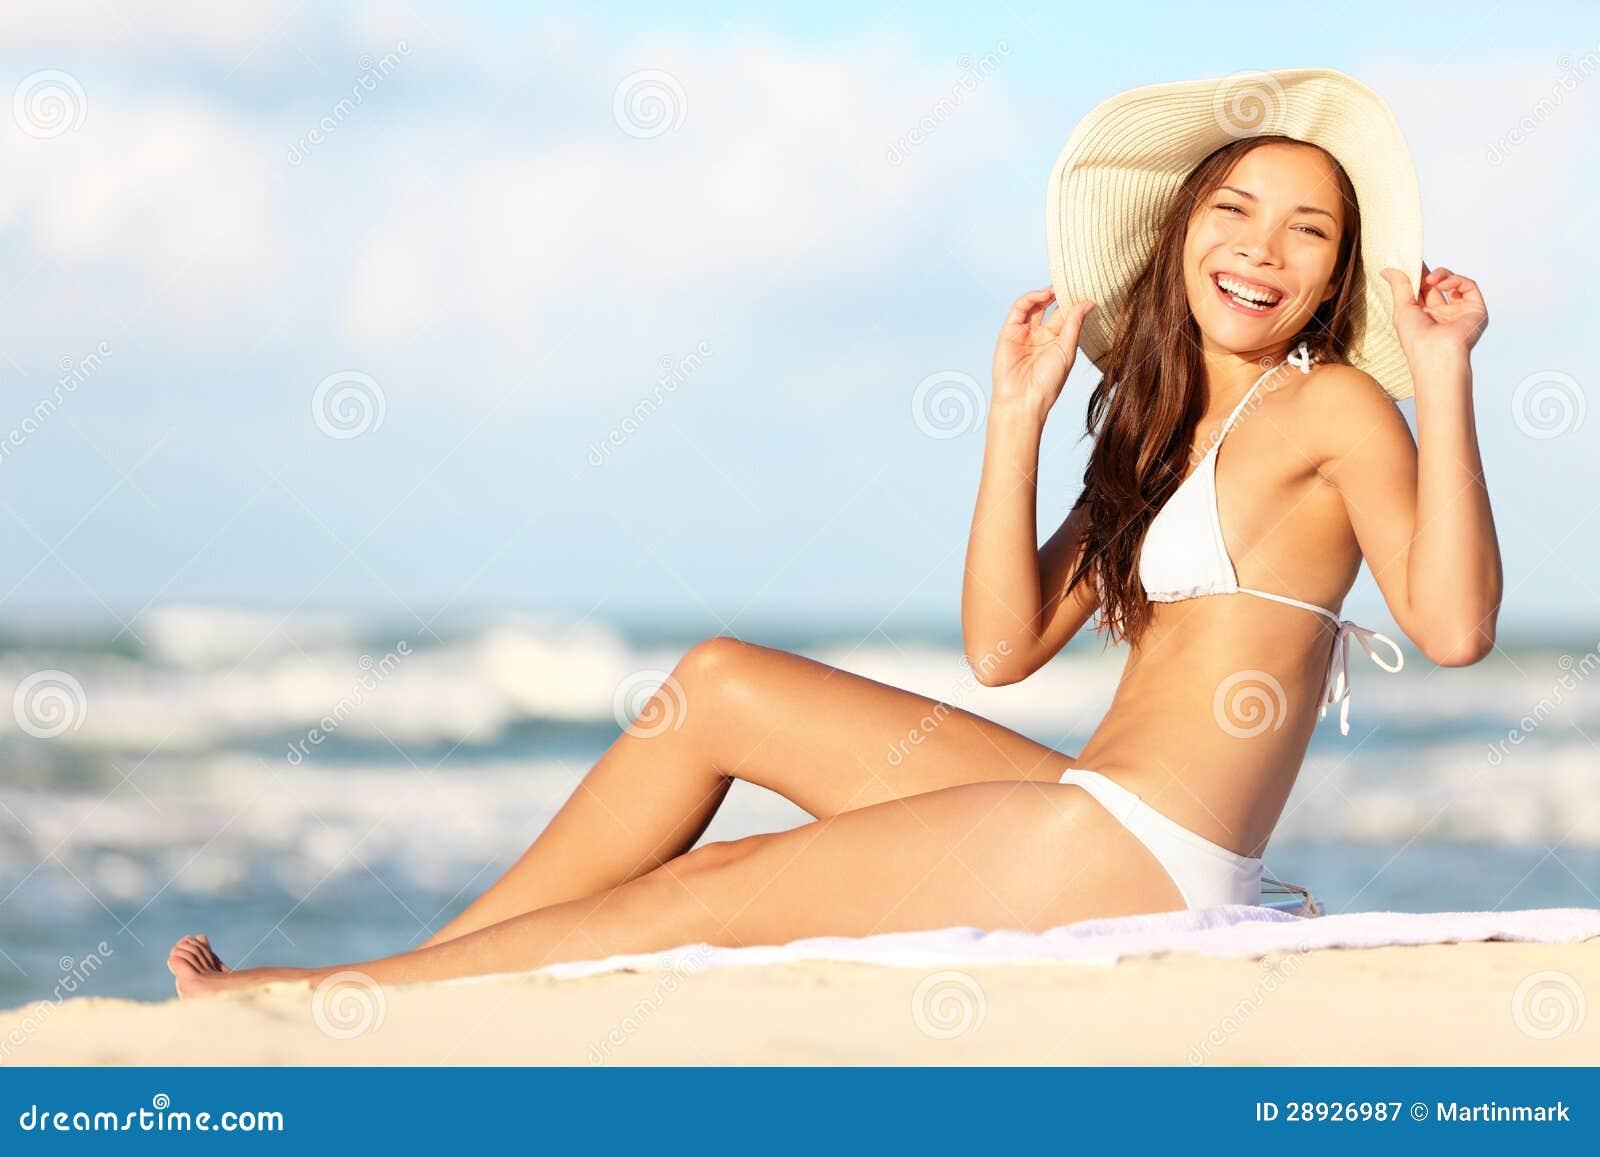 Frau auf Strand die Sonne genießend glücklich